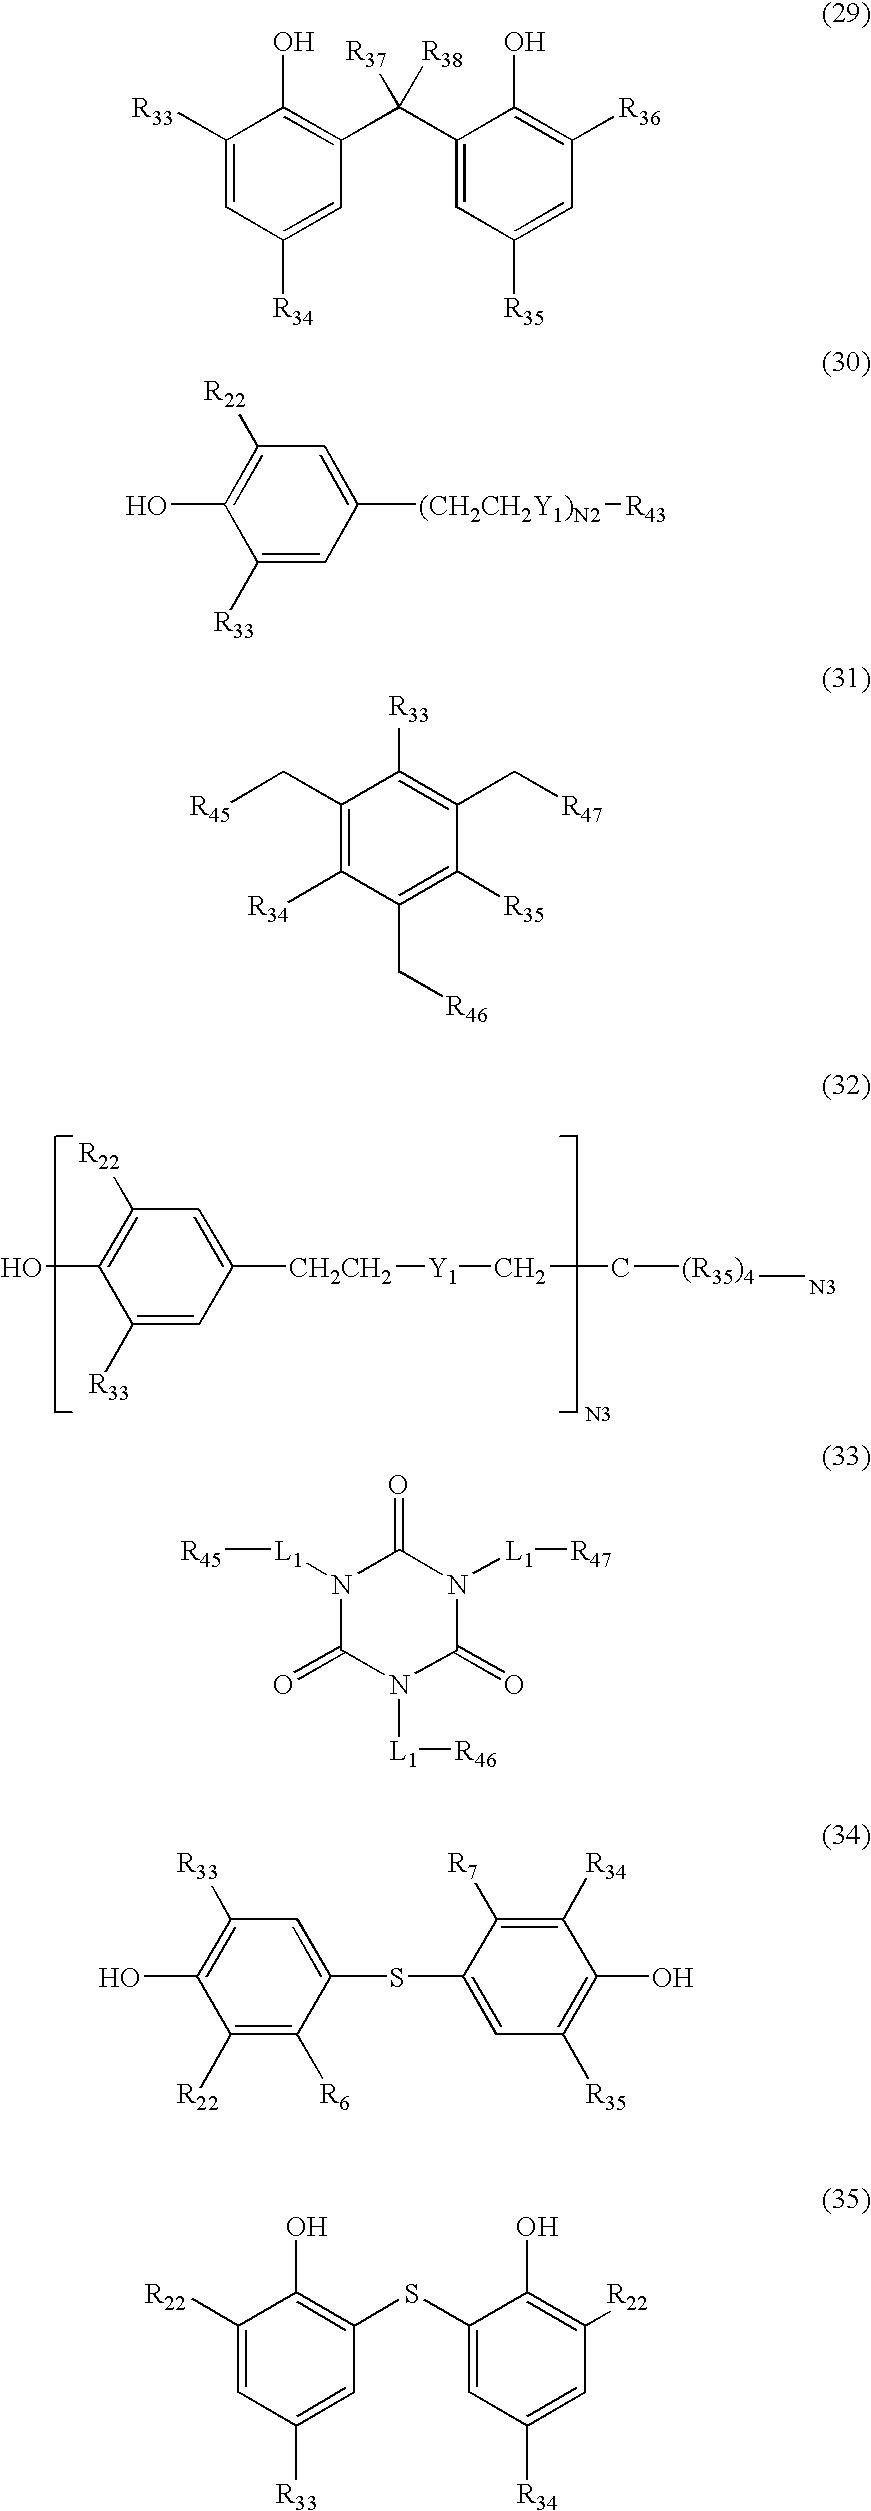 Figure US20050288400A1-20051229-C00008